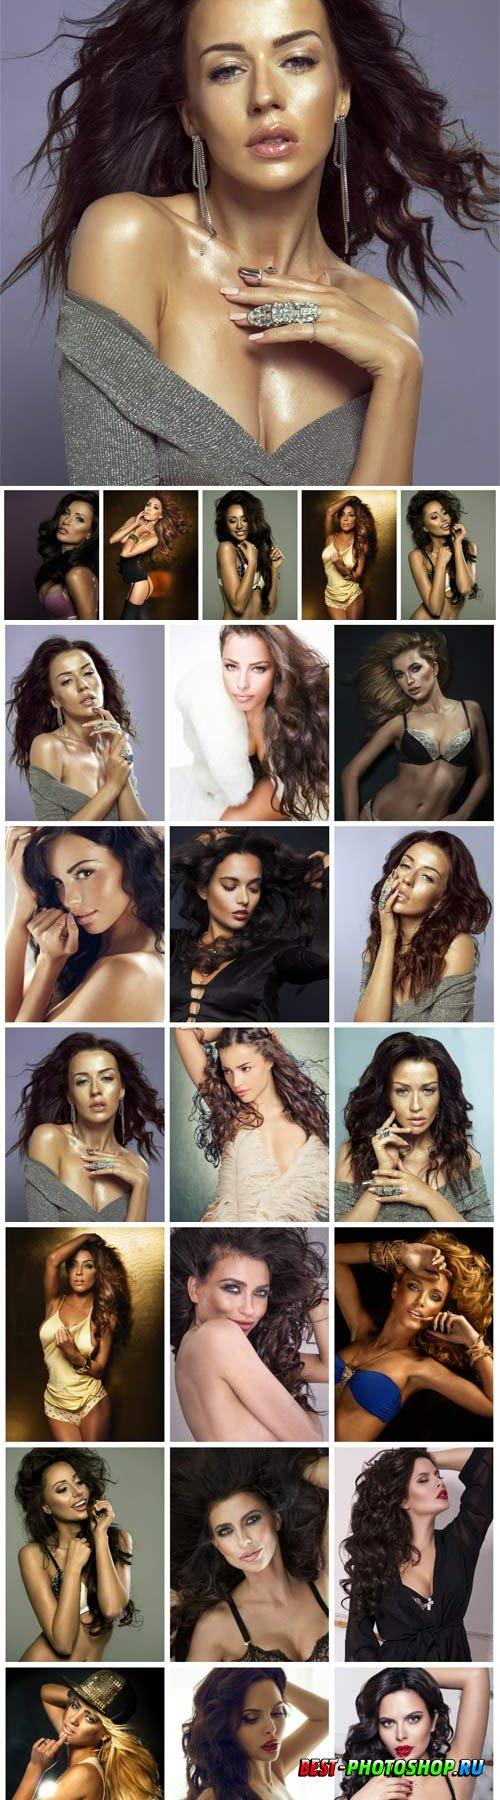 Stylish beautiful women stock photo